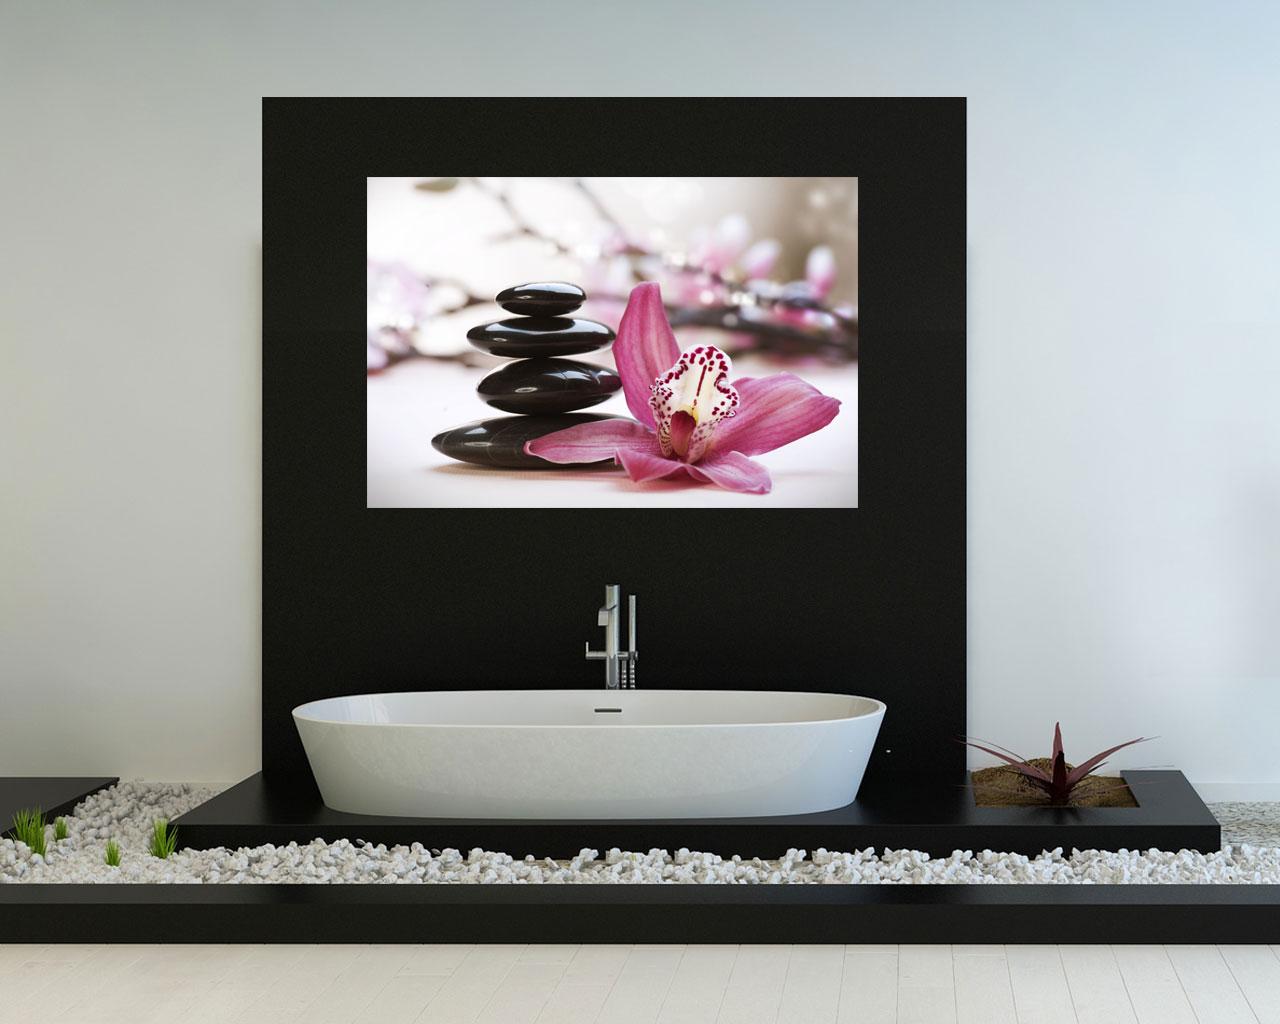 Pietre e lilium benessere stampa su tela interni for Quadri moderni orchidee